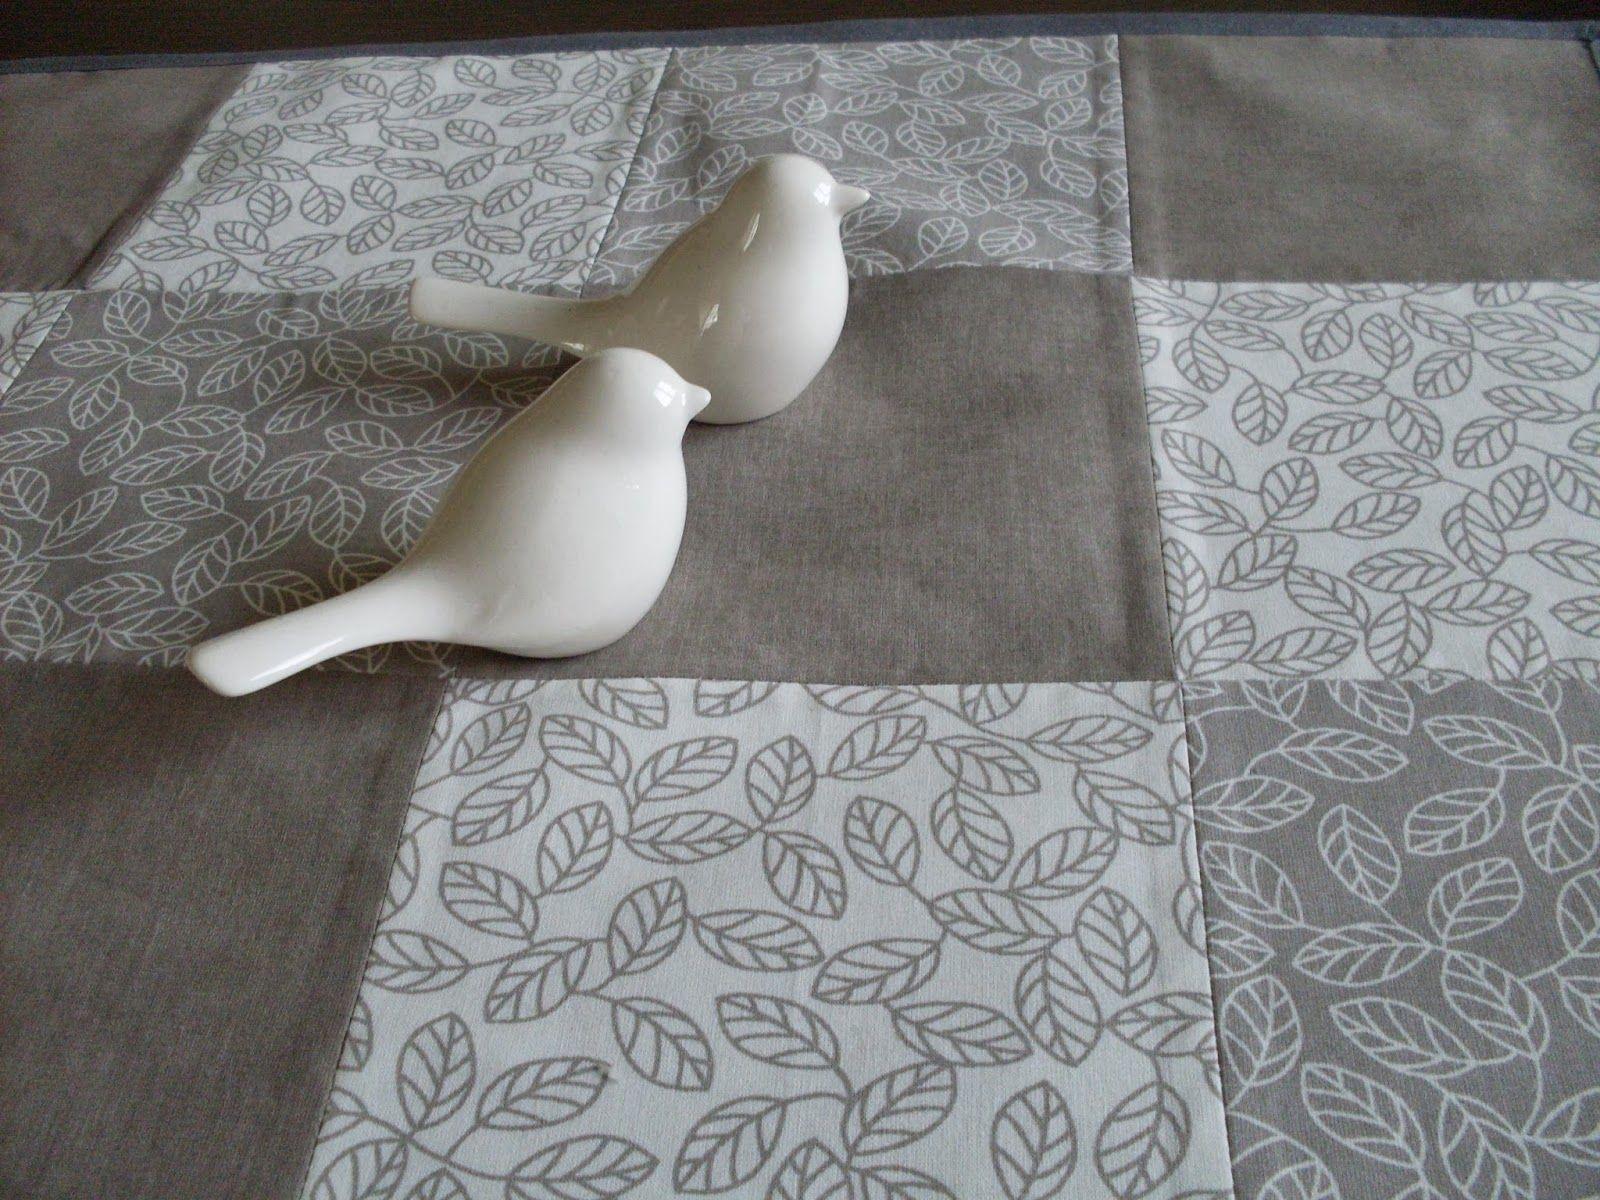 Alex Lernt Nähen: Wohnzimmer-Patchwork-Tischdecke